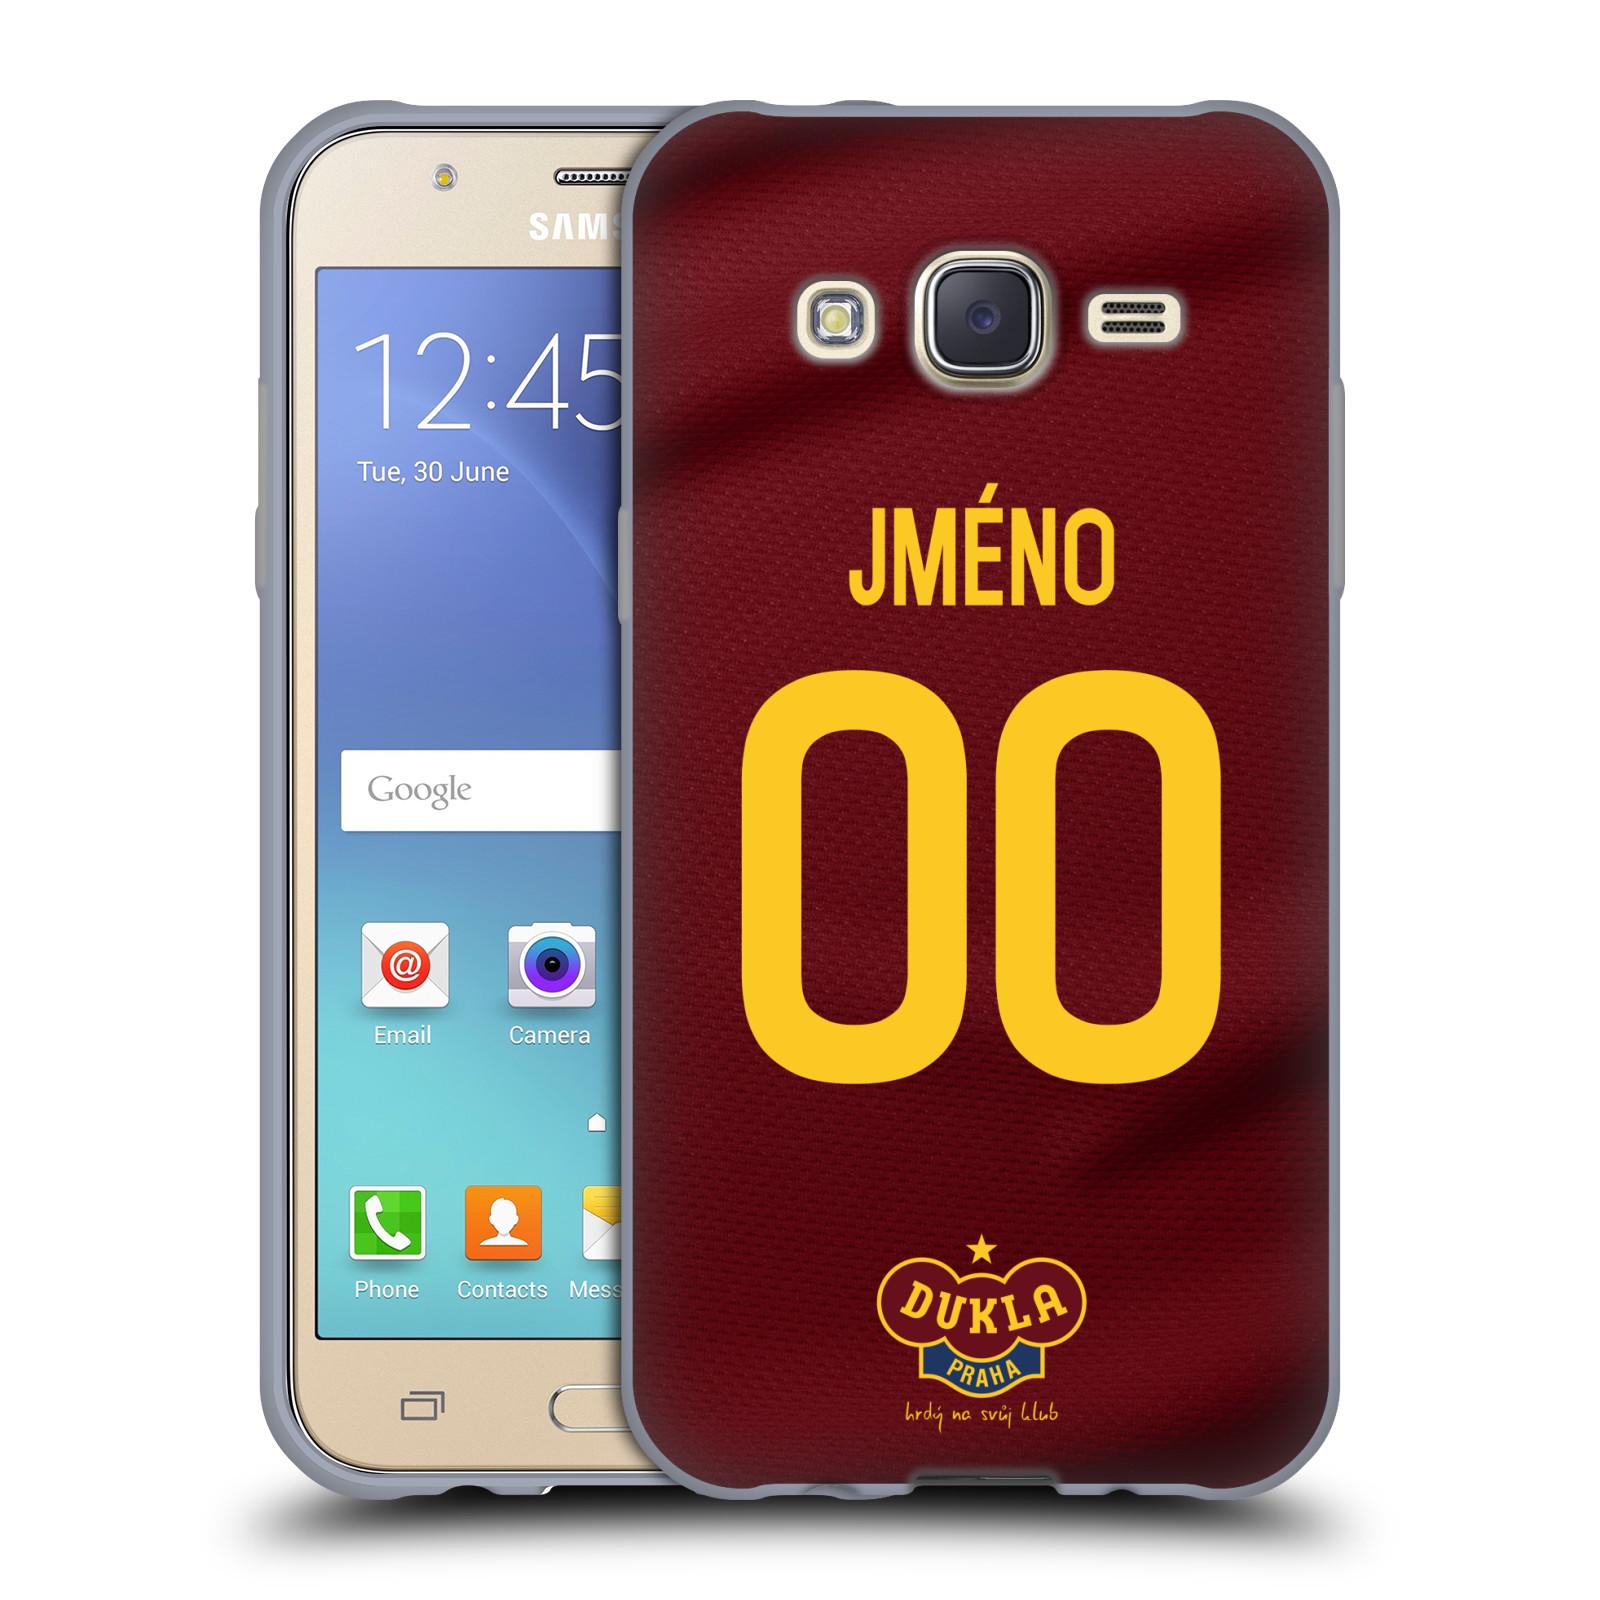 Silikonové pouzdro na mobil Samsung Galaxy J5 - FK Dukla Praha - dres s vlastním jménem a číslem